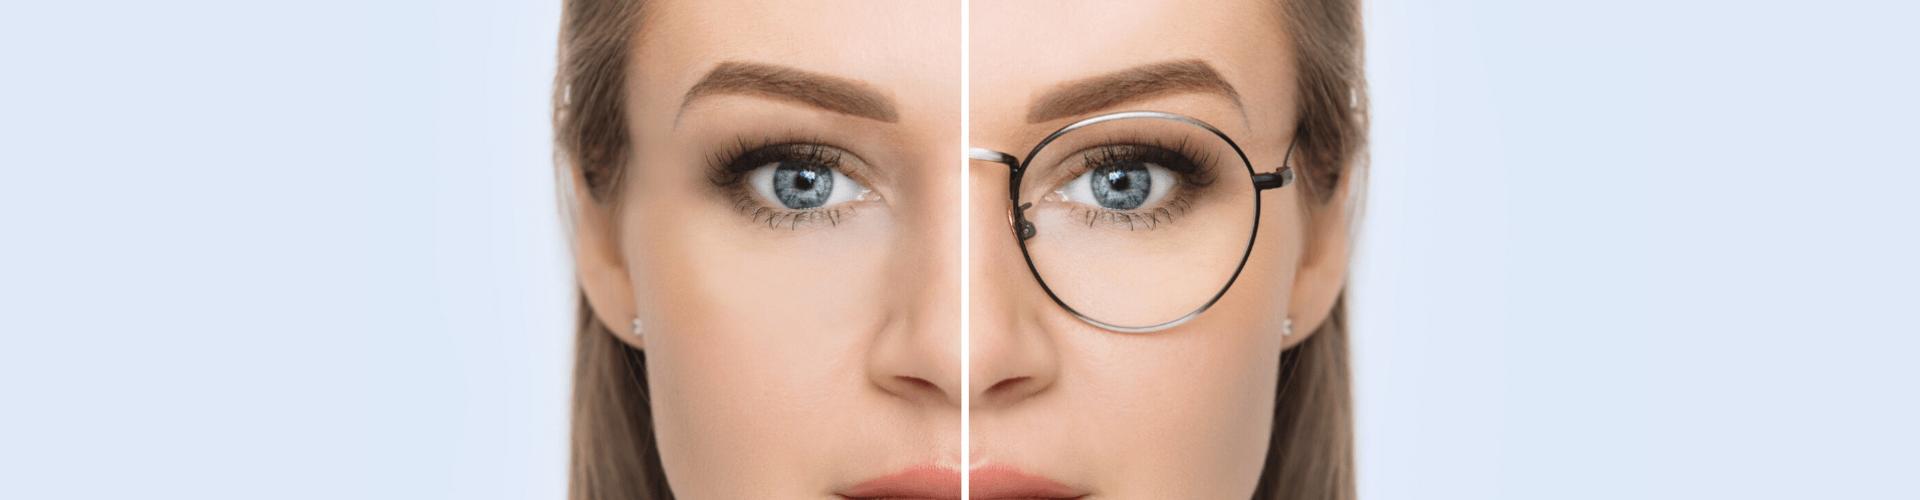 Miért lát egy rossz szemet, rosszabb, mint a másik, és hogyan kell megjavítani?